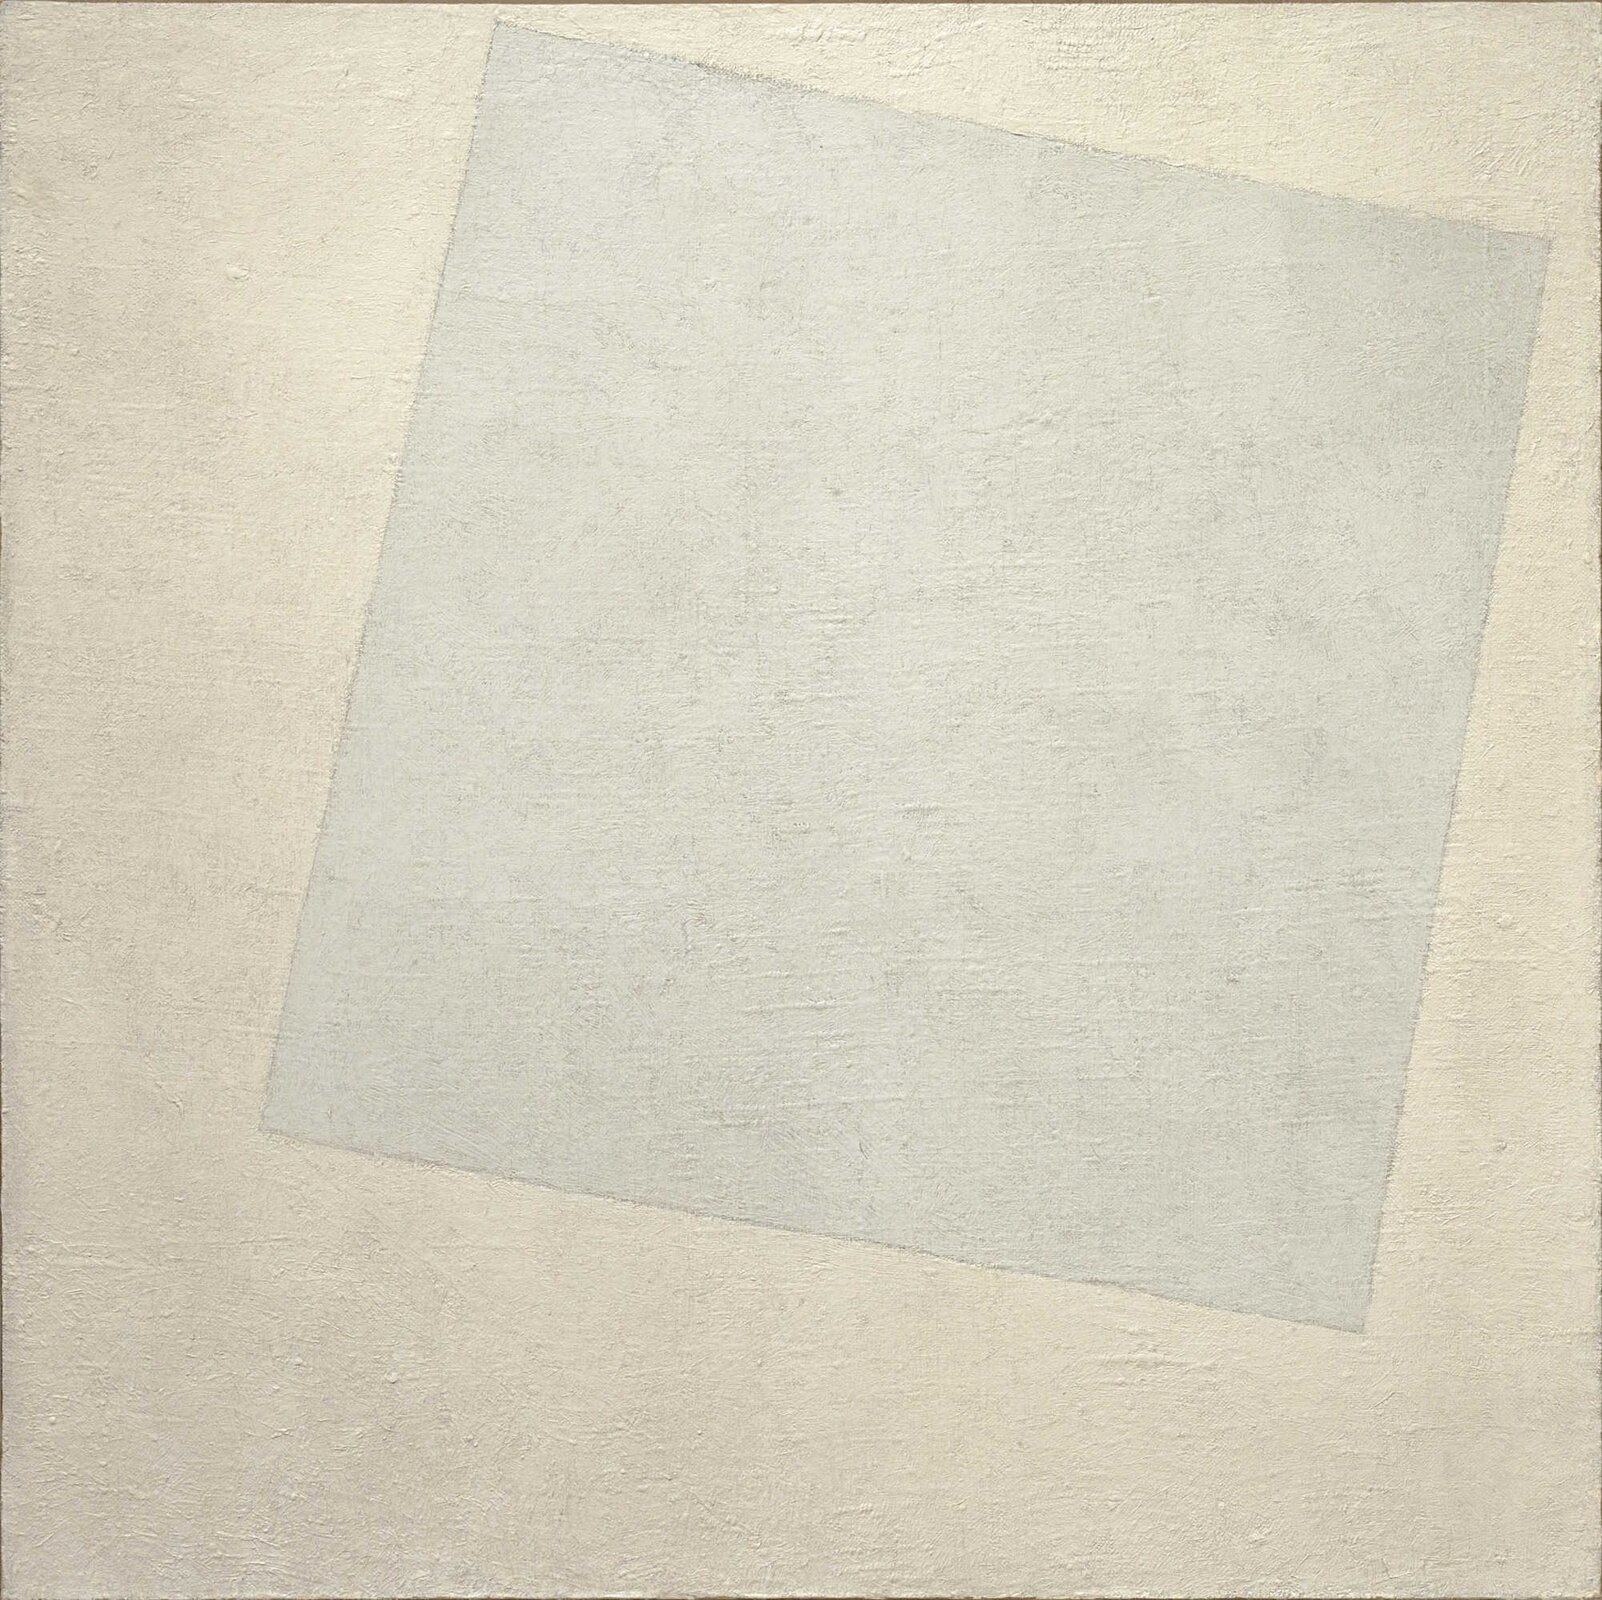 """Ilustracja przedstawia obraz Kazimierza Malewicza pt. """"Kompozycja suprematyczna: białe na białym"""". Ukazuje on jasny kwadratowy blok na biały tle."""